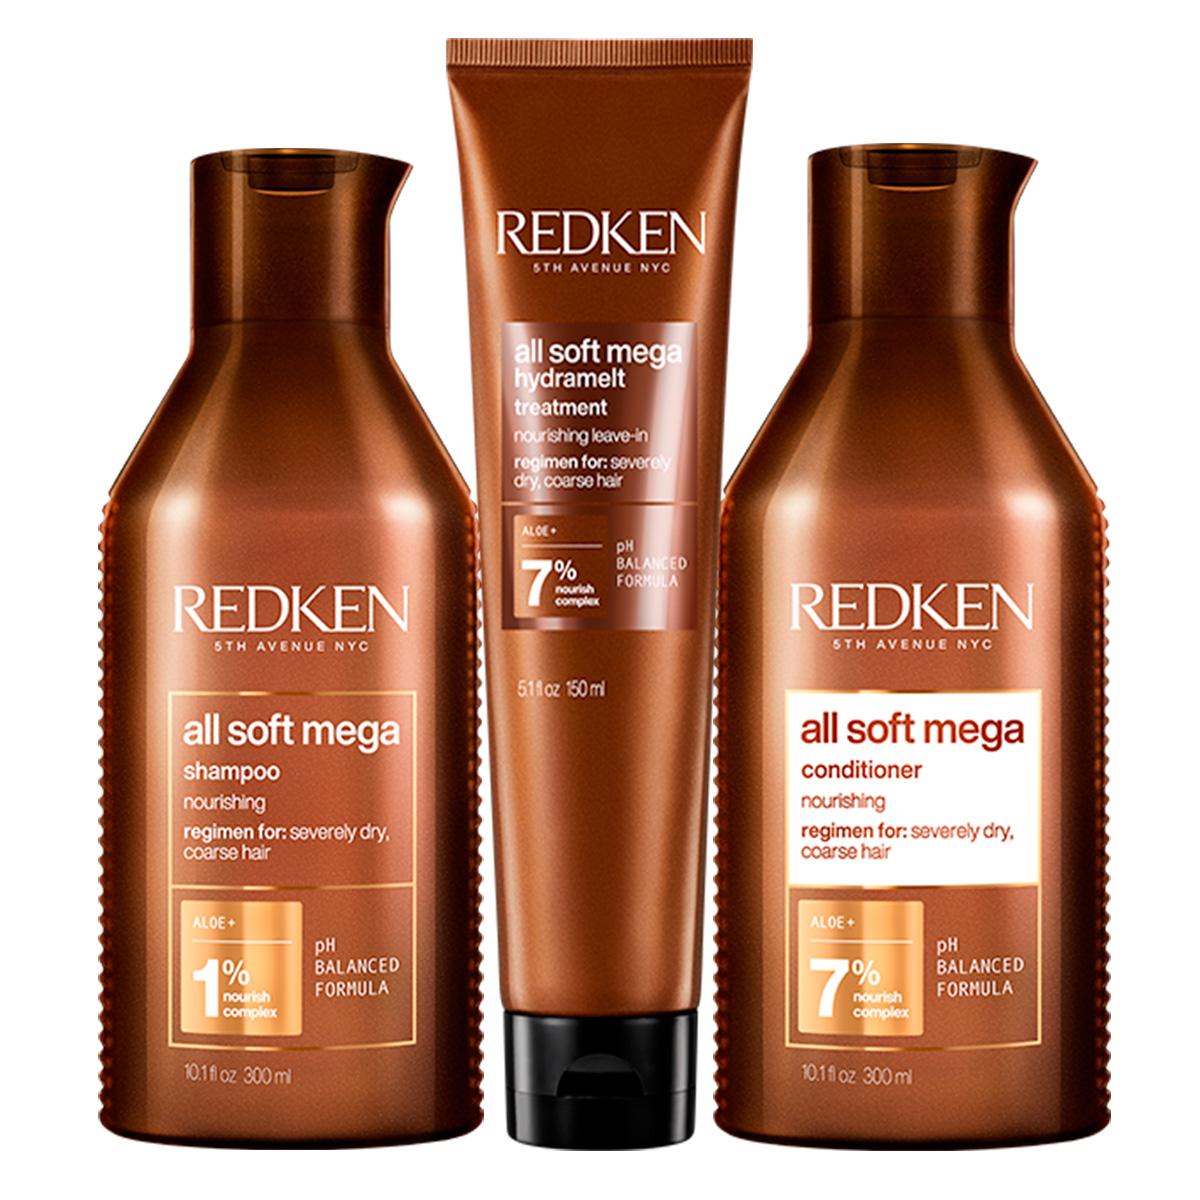 Купить Redken Набор для очень сухих и ломких волос: Шампунь 300 мл + Кондиционер 300 мл + Несмываемый уход Hydramelt, 150 мл (Redken, Уход за волосами), США